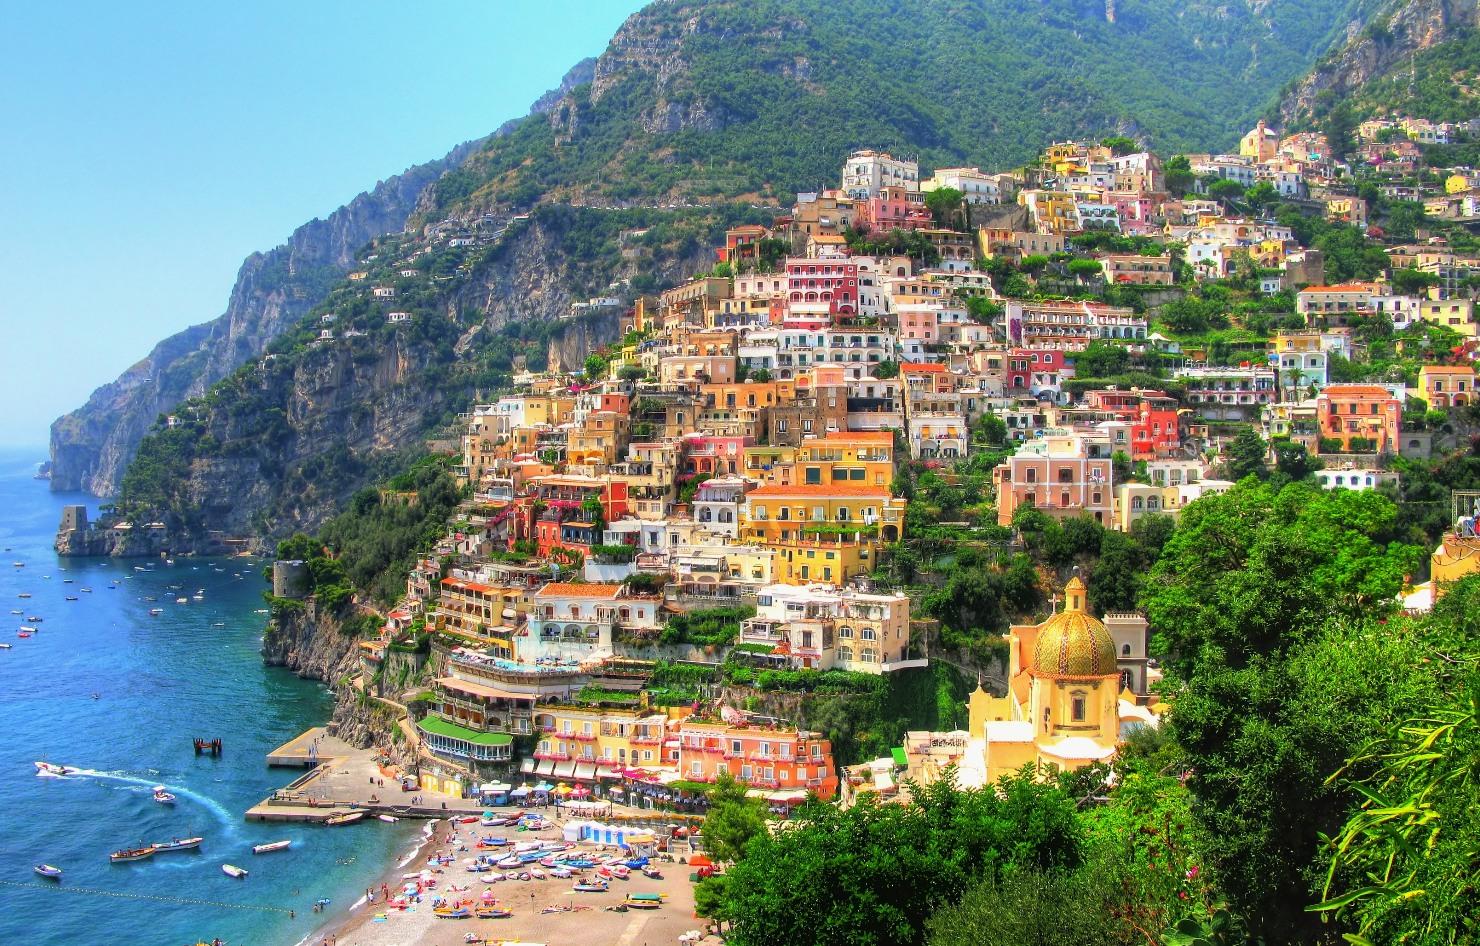 sorento italija jesenja putovanja cene aranzmana